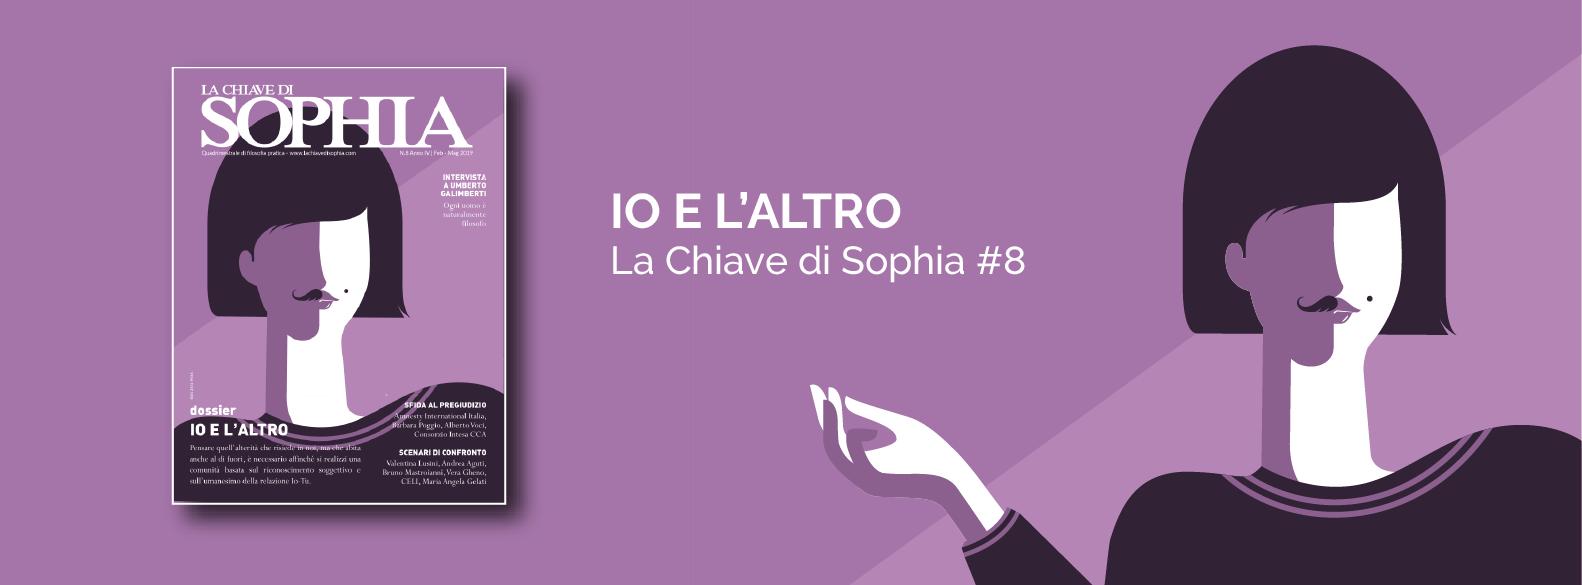 copertina-sito_la-chiave-di-sophia-8-02